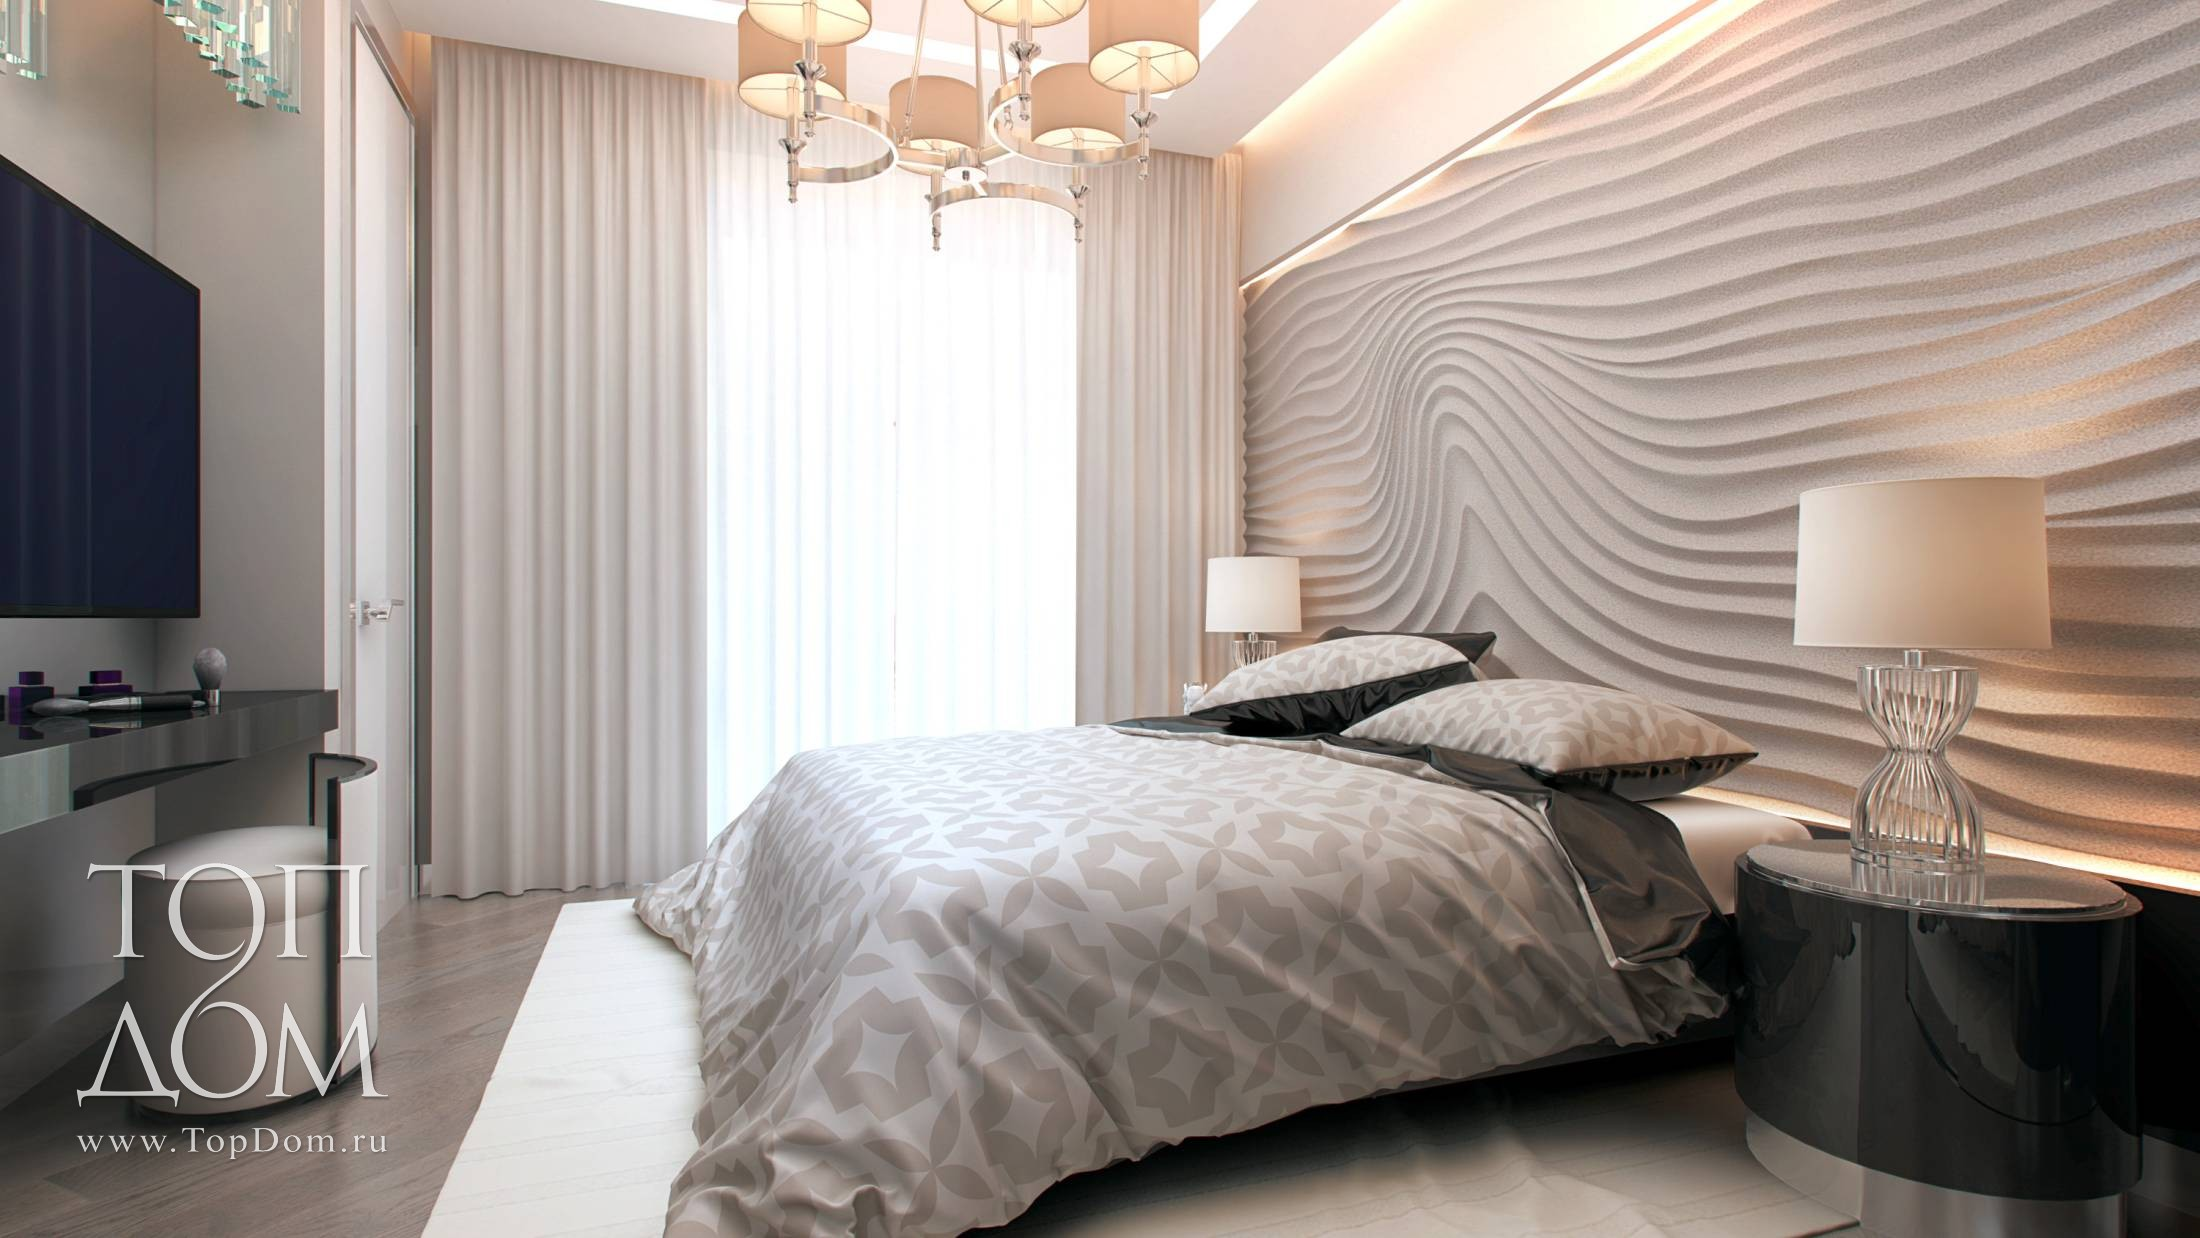 Дизайн спальни классика 2016 фото